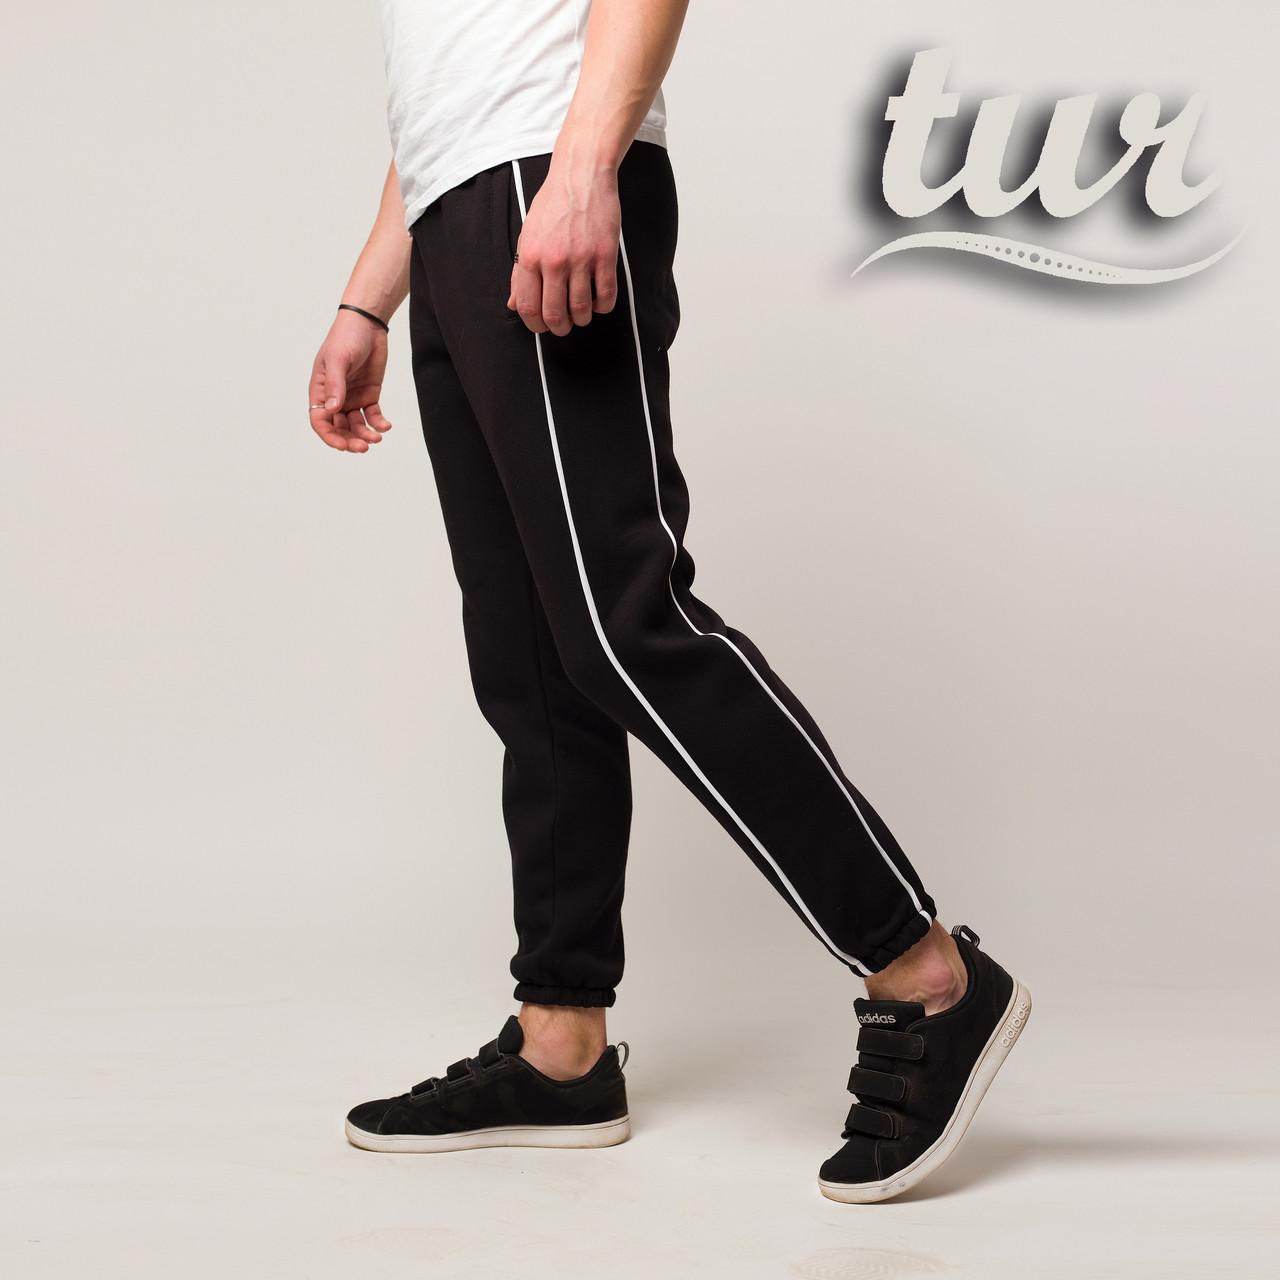 Зимние спортивные штаны мужские чёрные от бренда ТУР модель Сектор (Sector) размер S, M, L, XL